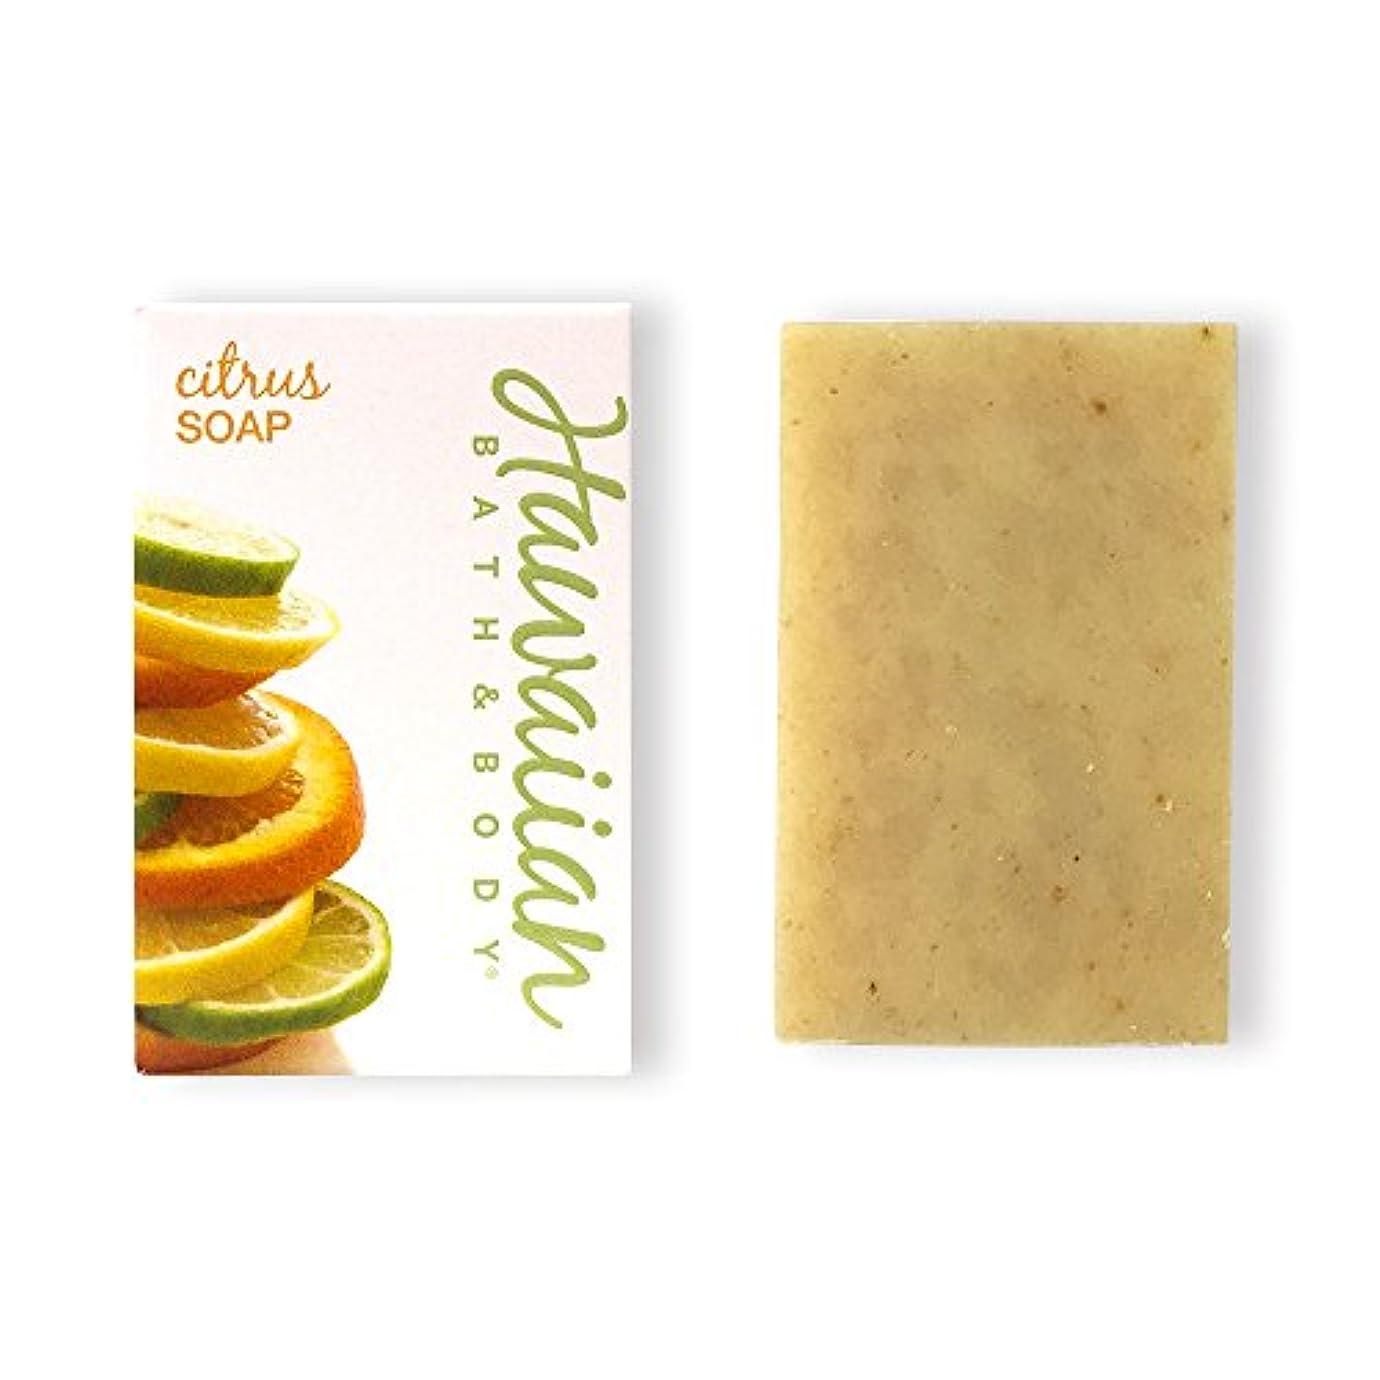 夜の動物園ミュウミュウ隠されたハワイアンバス&ボディ ハワイアン?シトラスソープ( Citrus Soap )